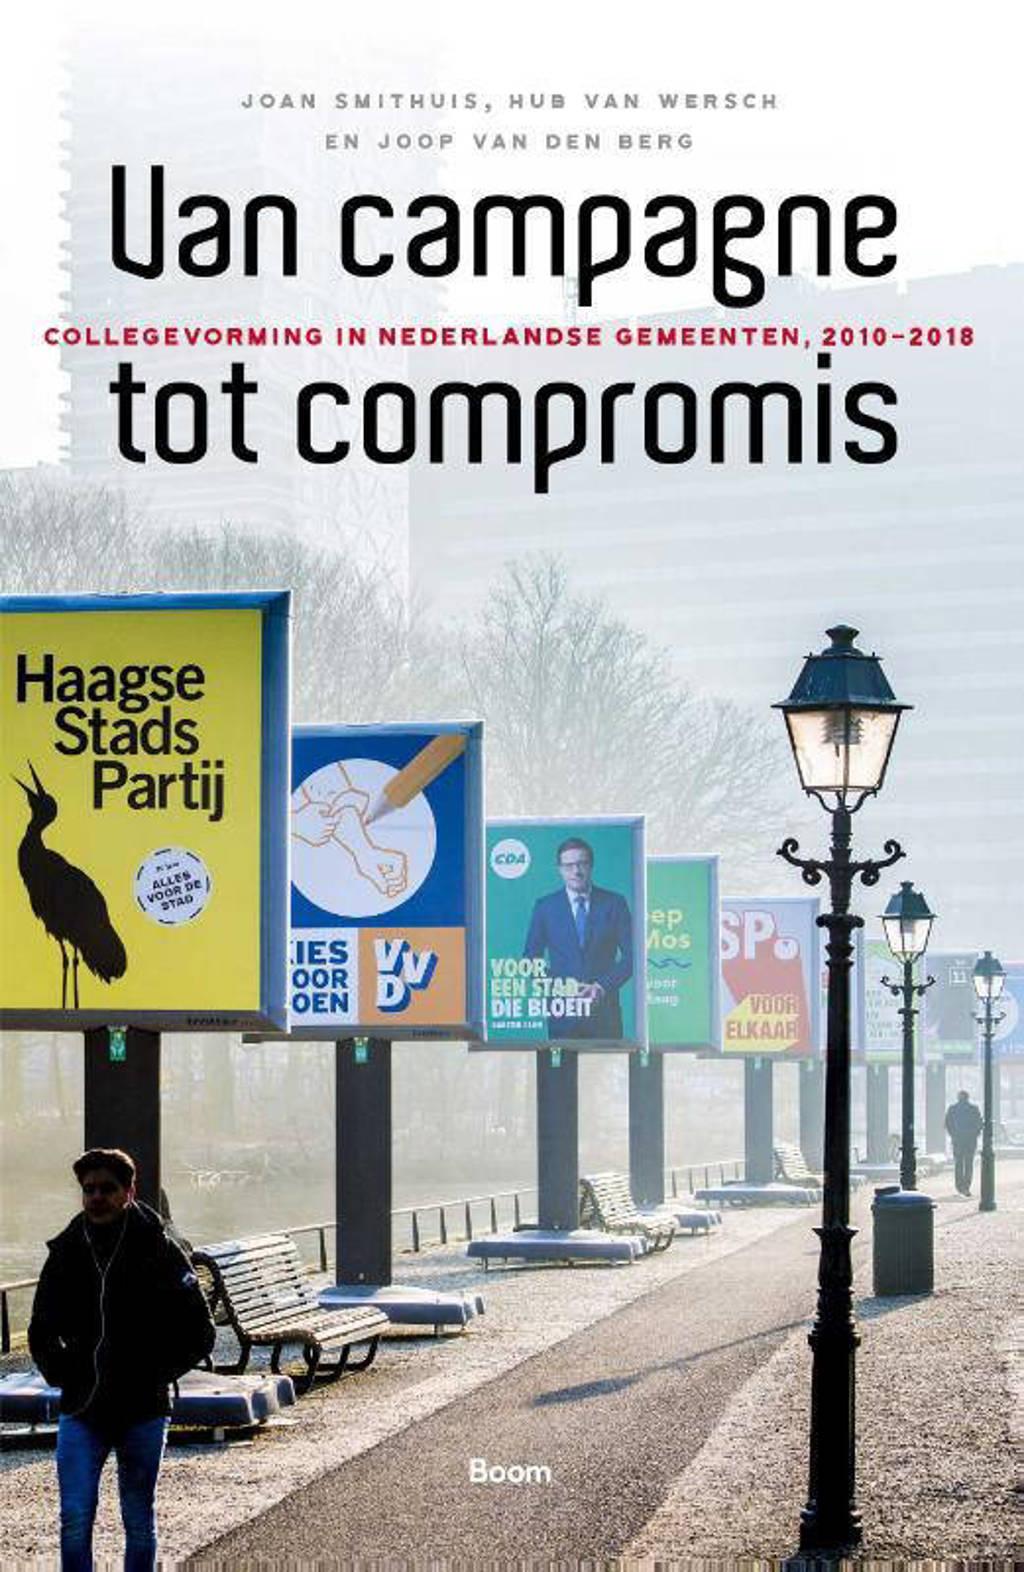 Van campagne tot compromis - Joan Smithuis, Joop van den Berg en Hub van Wersch